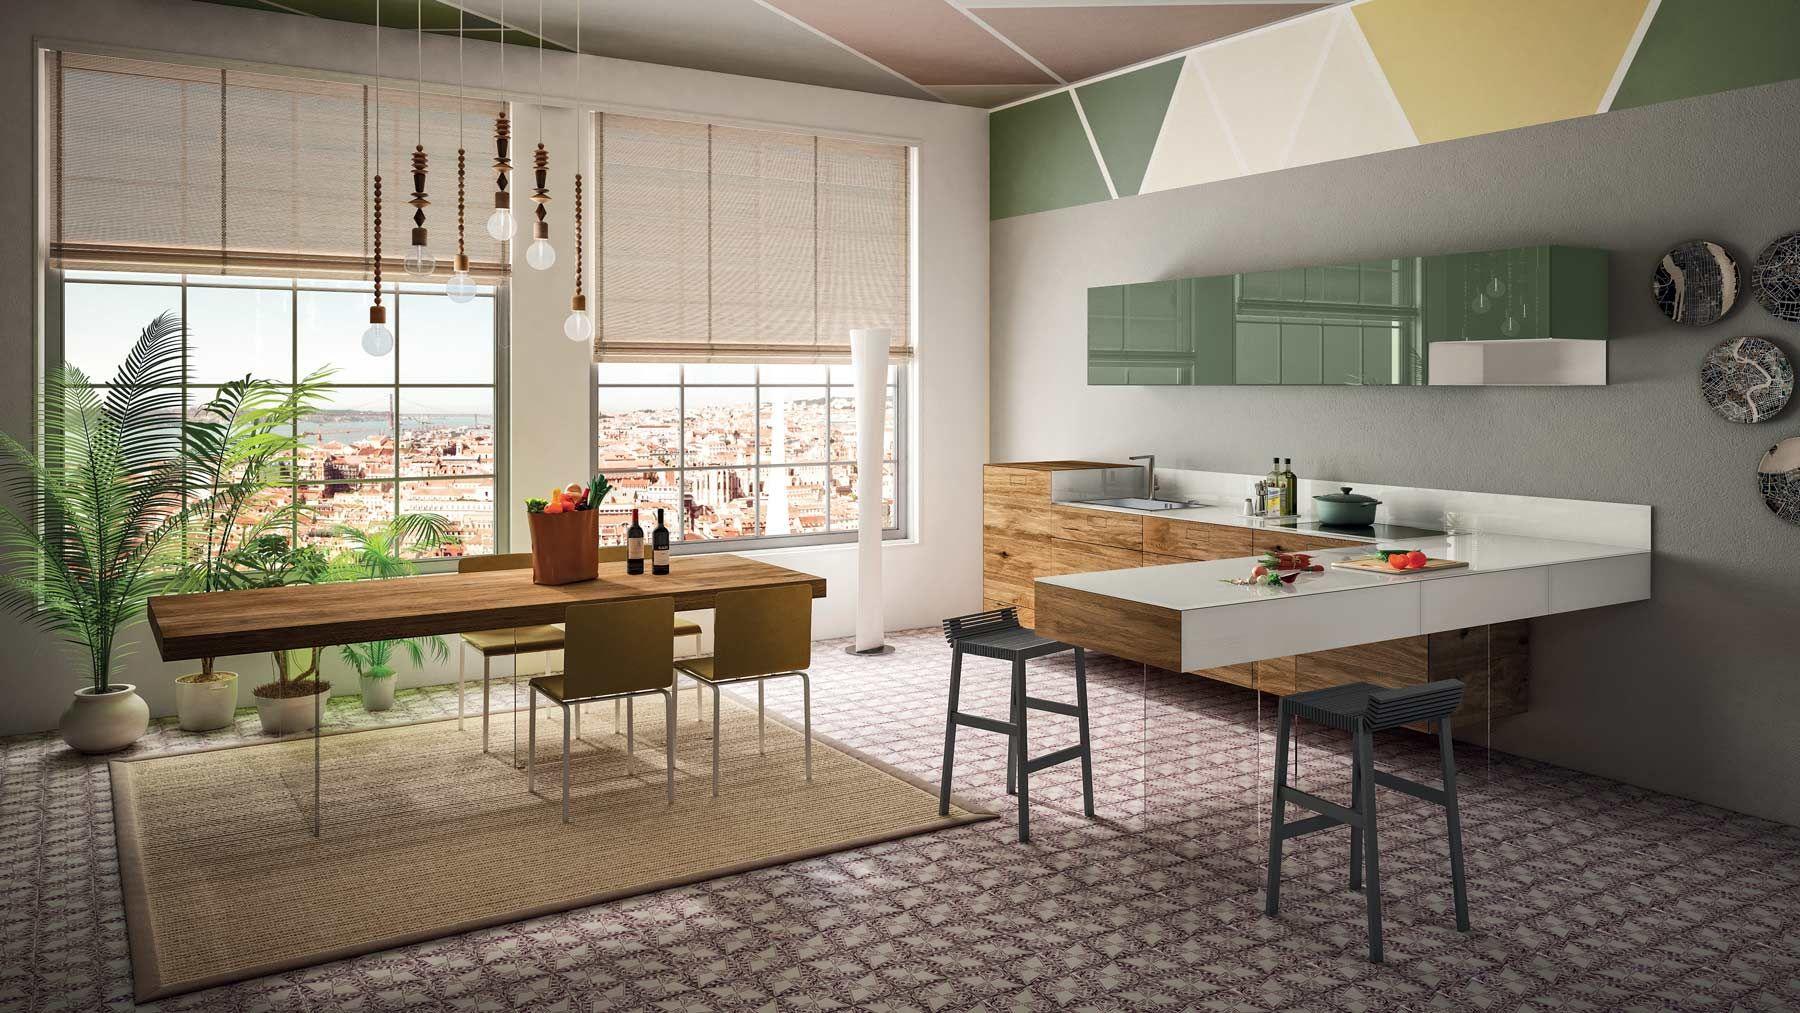 36e8 cocina modular de diseño - Lago | Kitchen | Pinterest | Cocinas ...